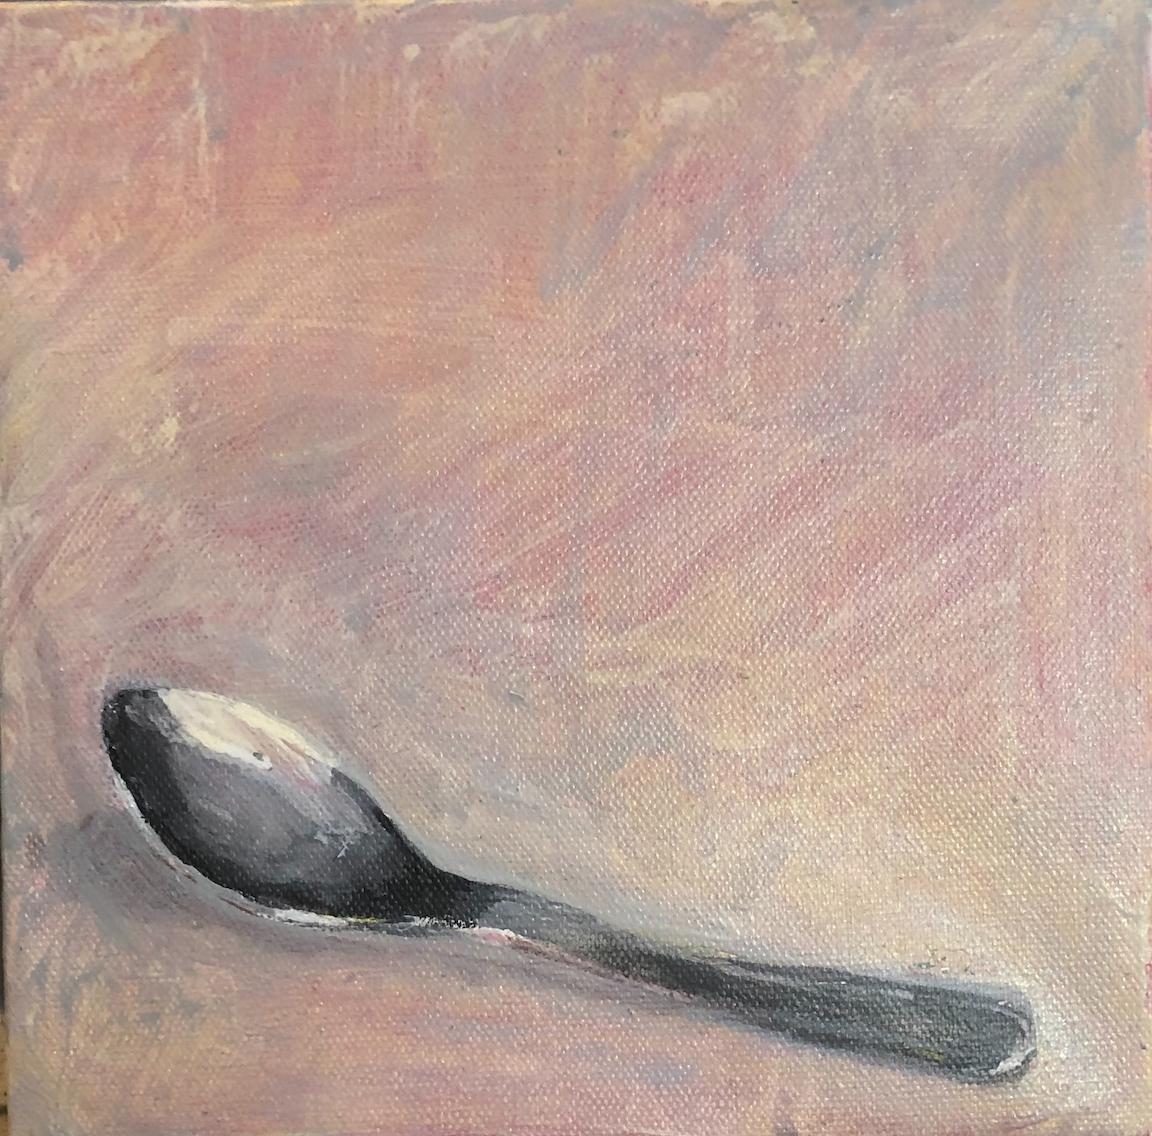 Christopher Bull: Spoon